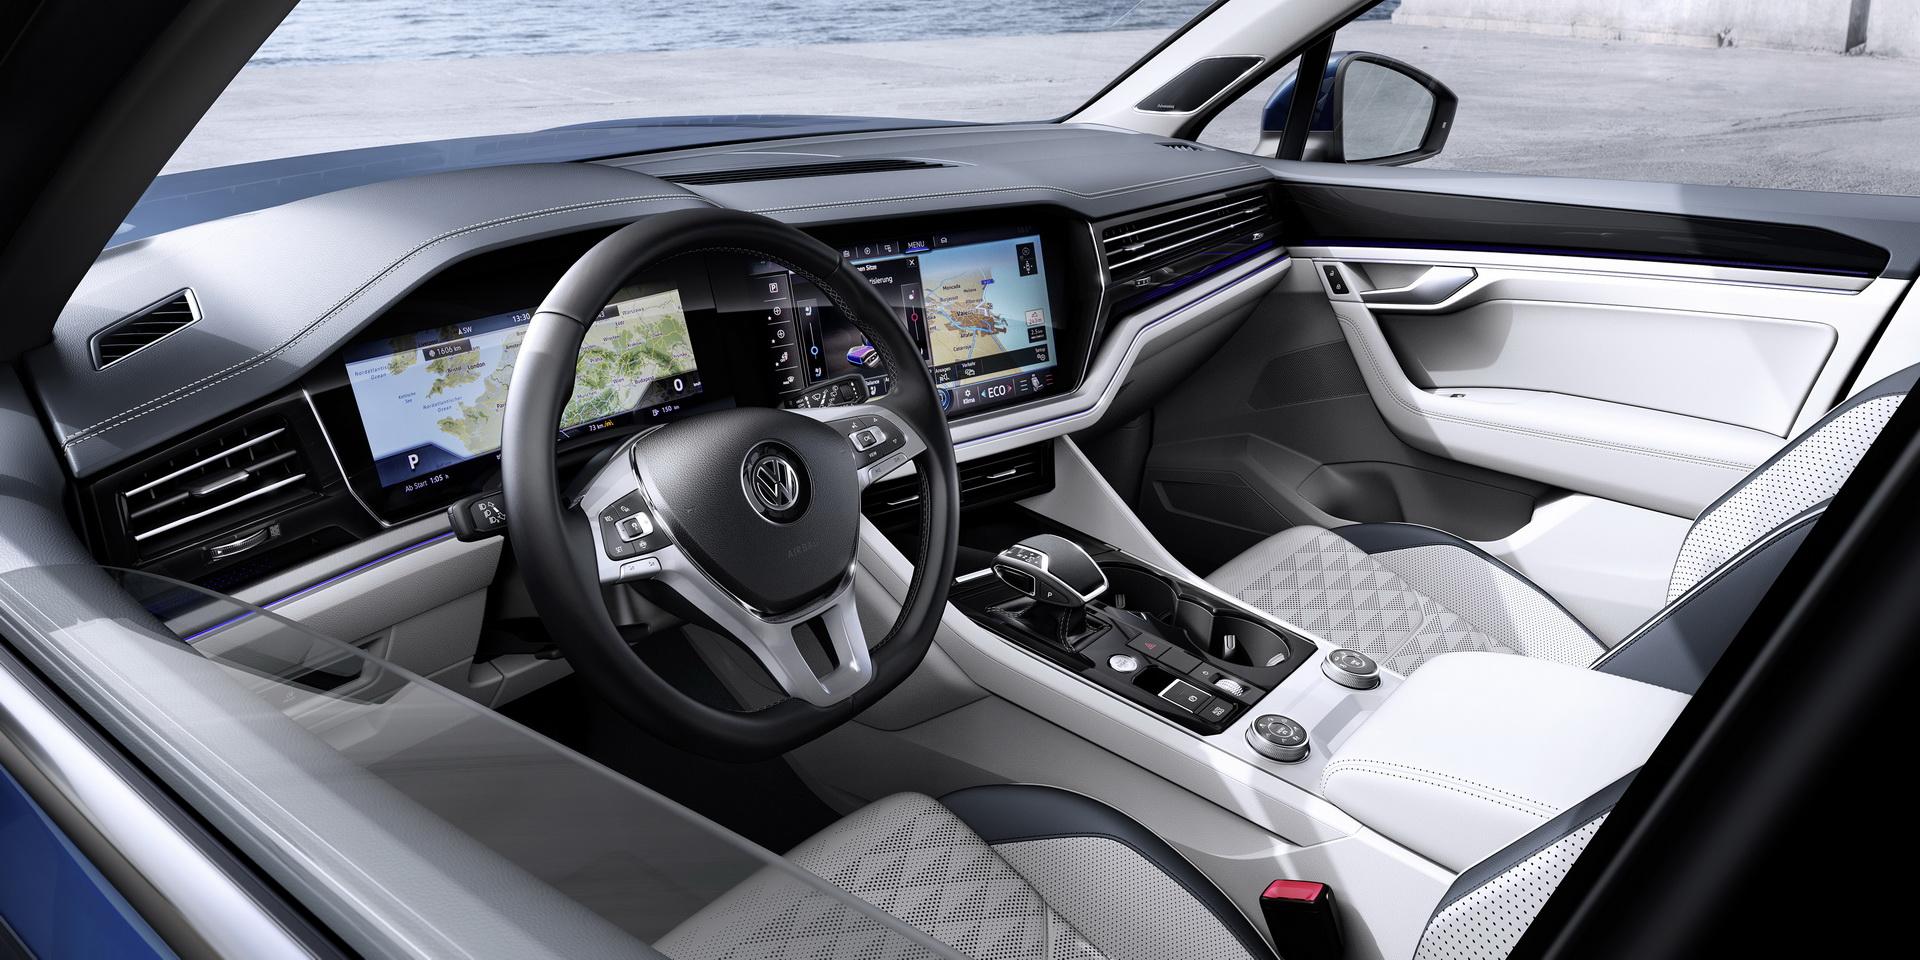 افخم سيارات الدفع الرباعي 2021 من ماركات تجارية غير فاخرة